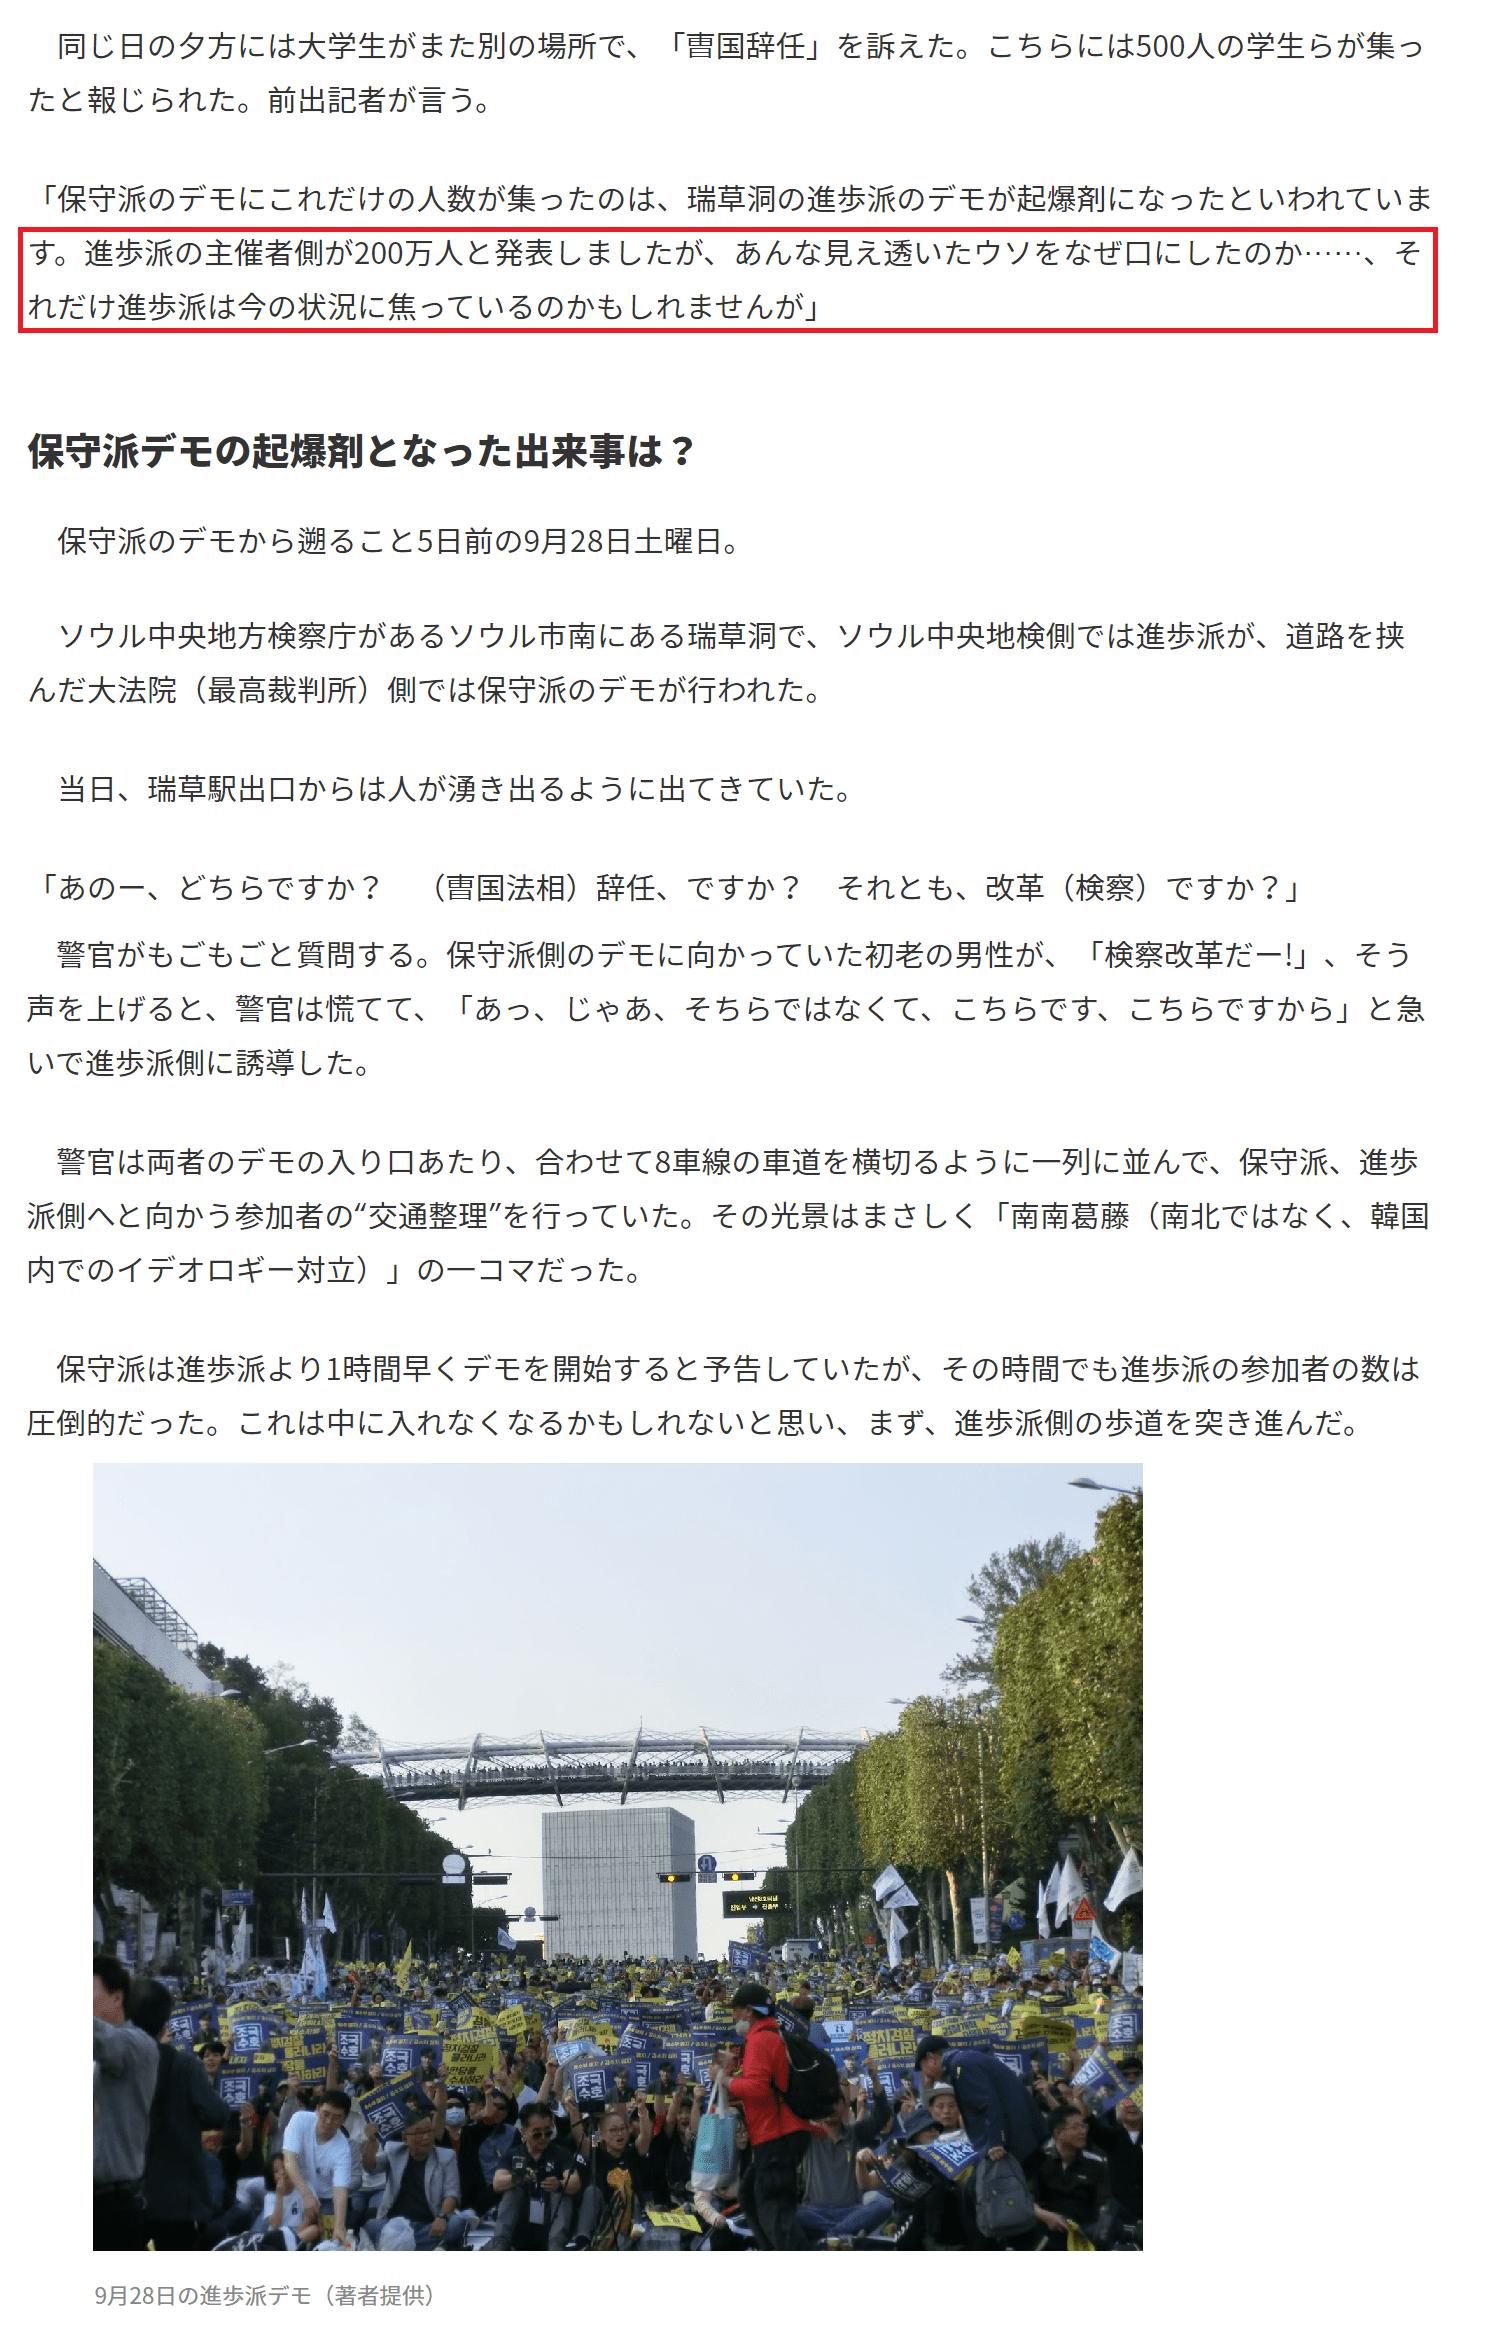 ブンザイ寅とタマネギ男辞めろデモが朴婆以上の動員2_2 (1)